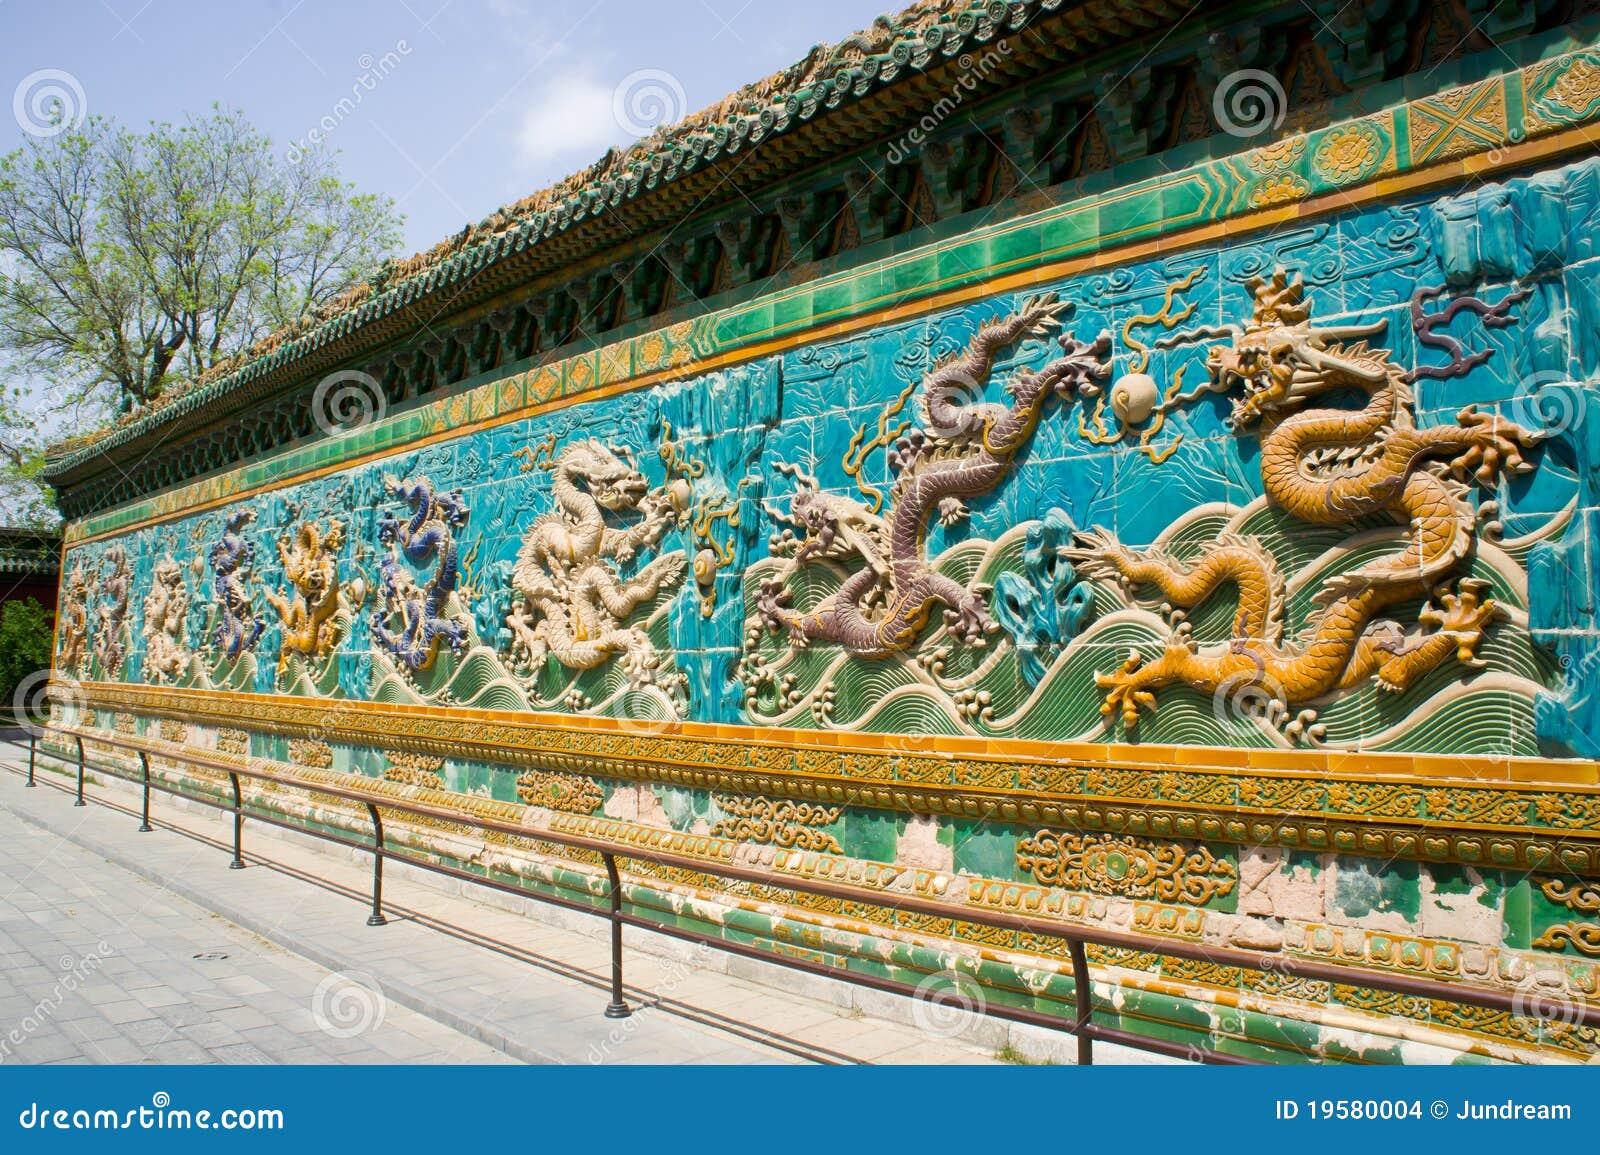 Nine Dragon Wall: The Nine-Dragon Wall Stock Images